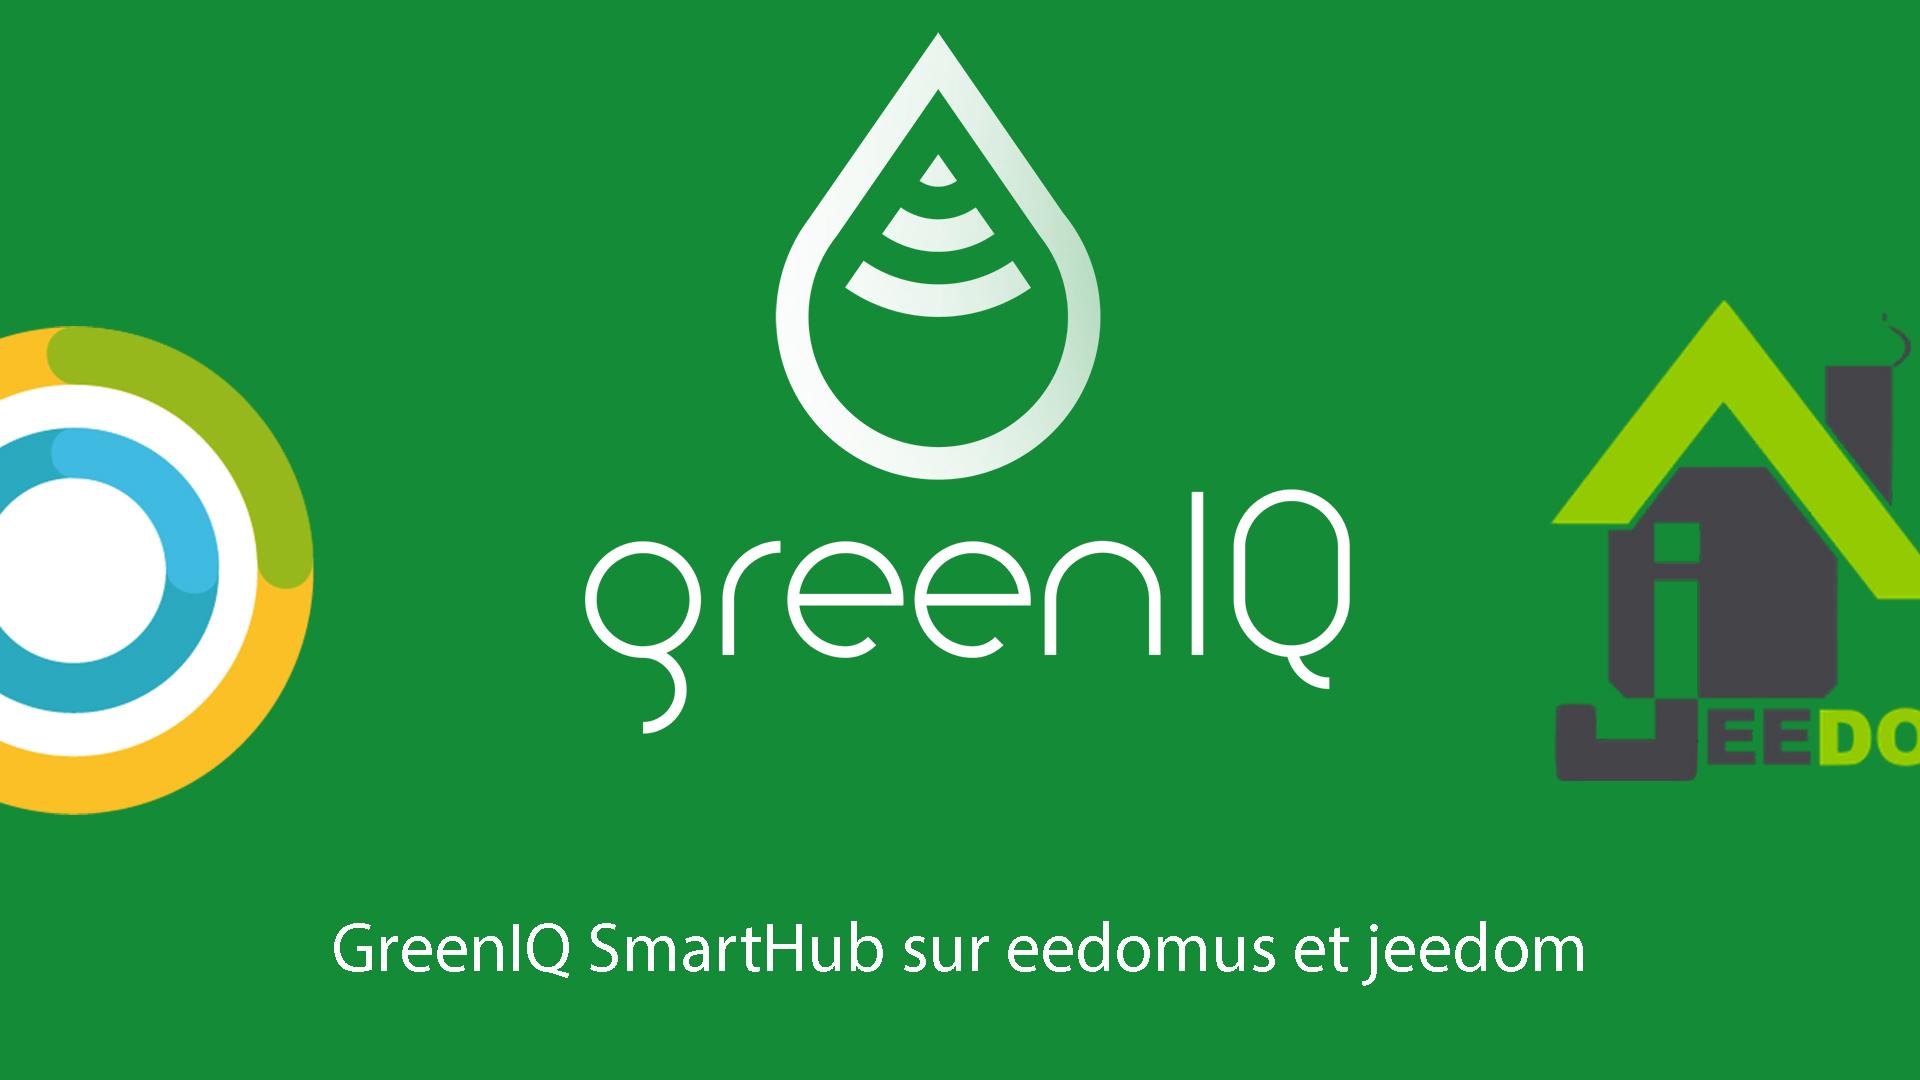 GreenIQ, le contrôleur de jardin sur box eedomus et Jeedom